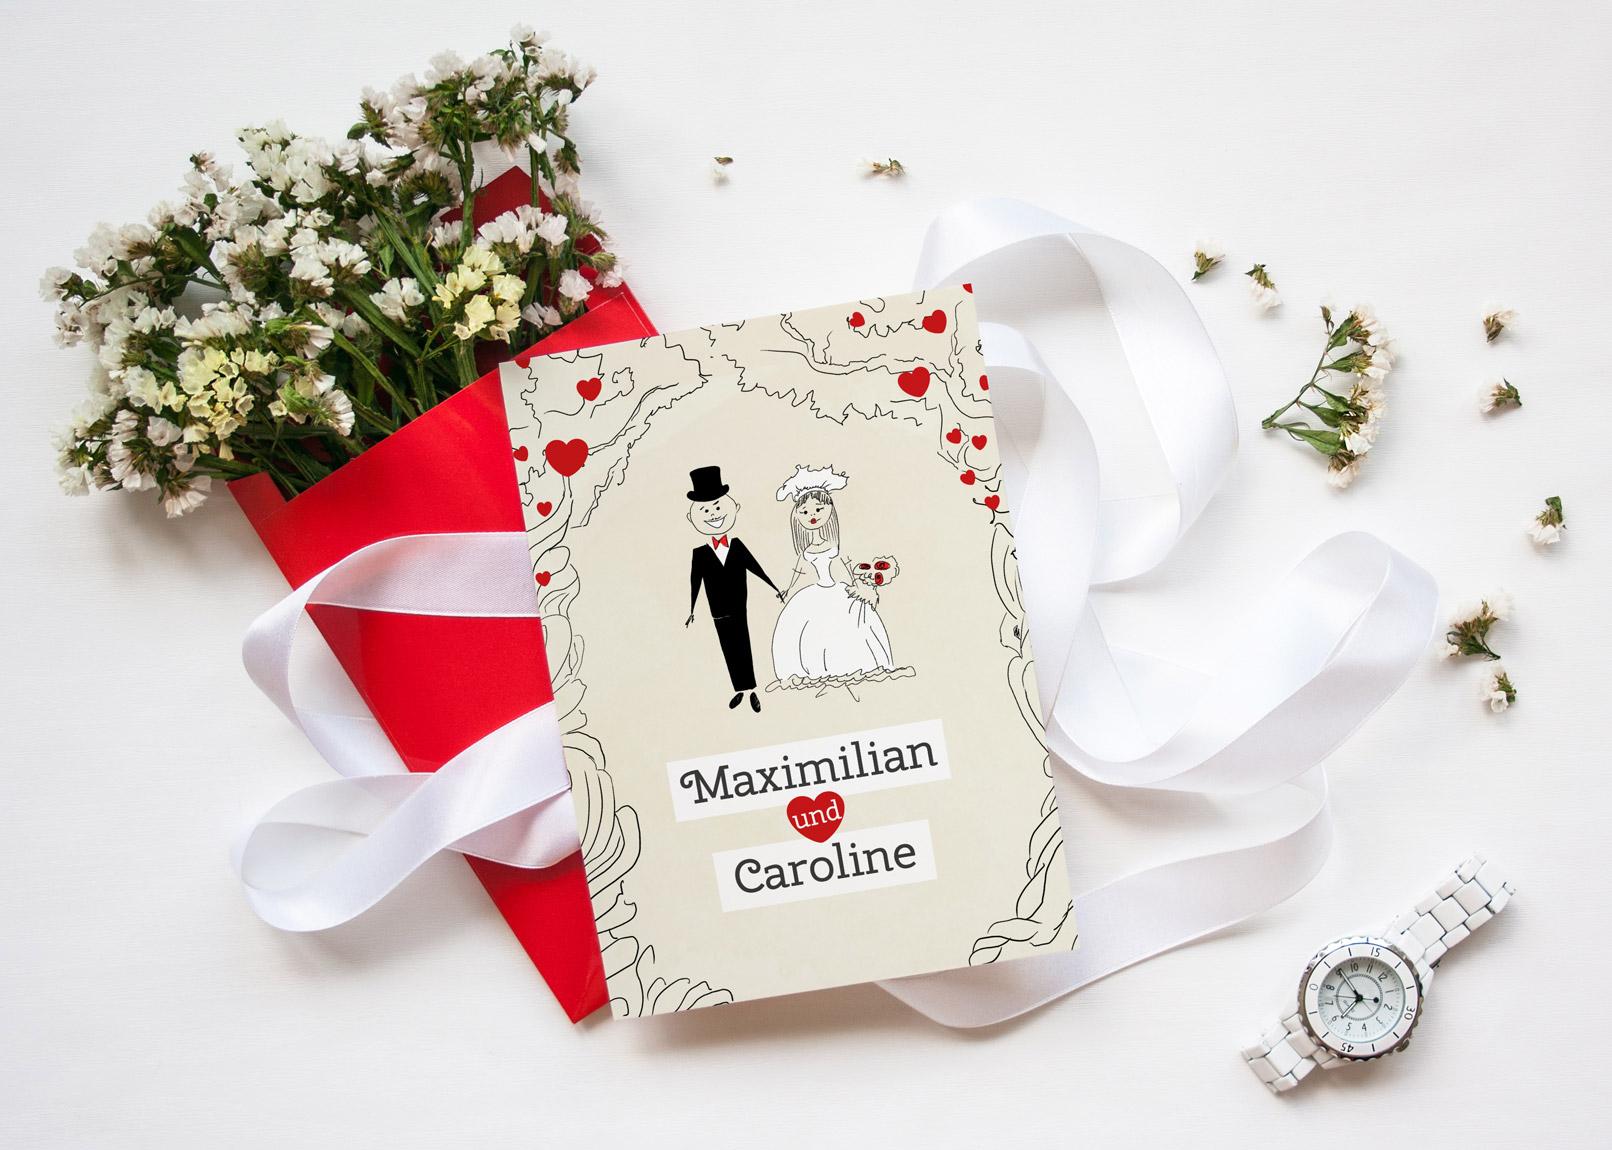 Mockup für Hochzeitsfotografen zum Versenden von Hochzeitsgrüßen